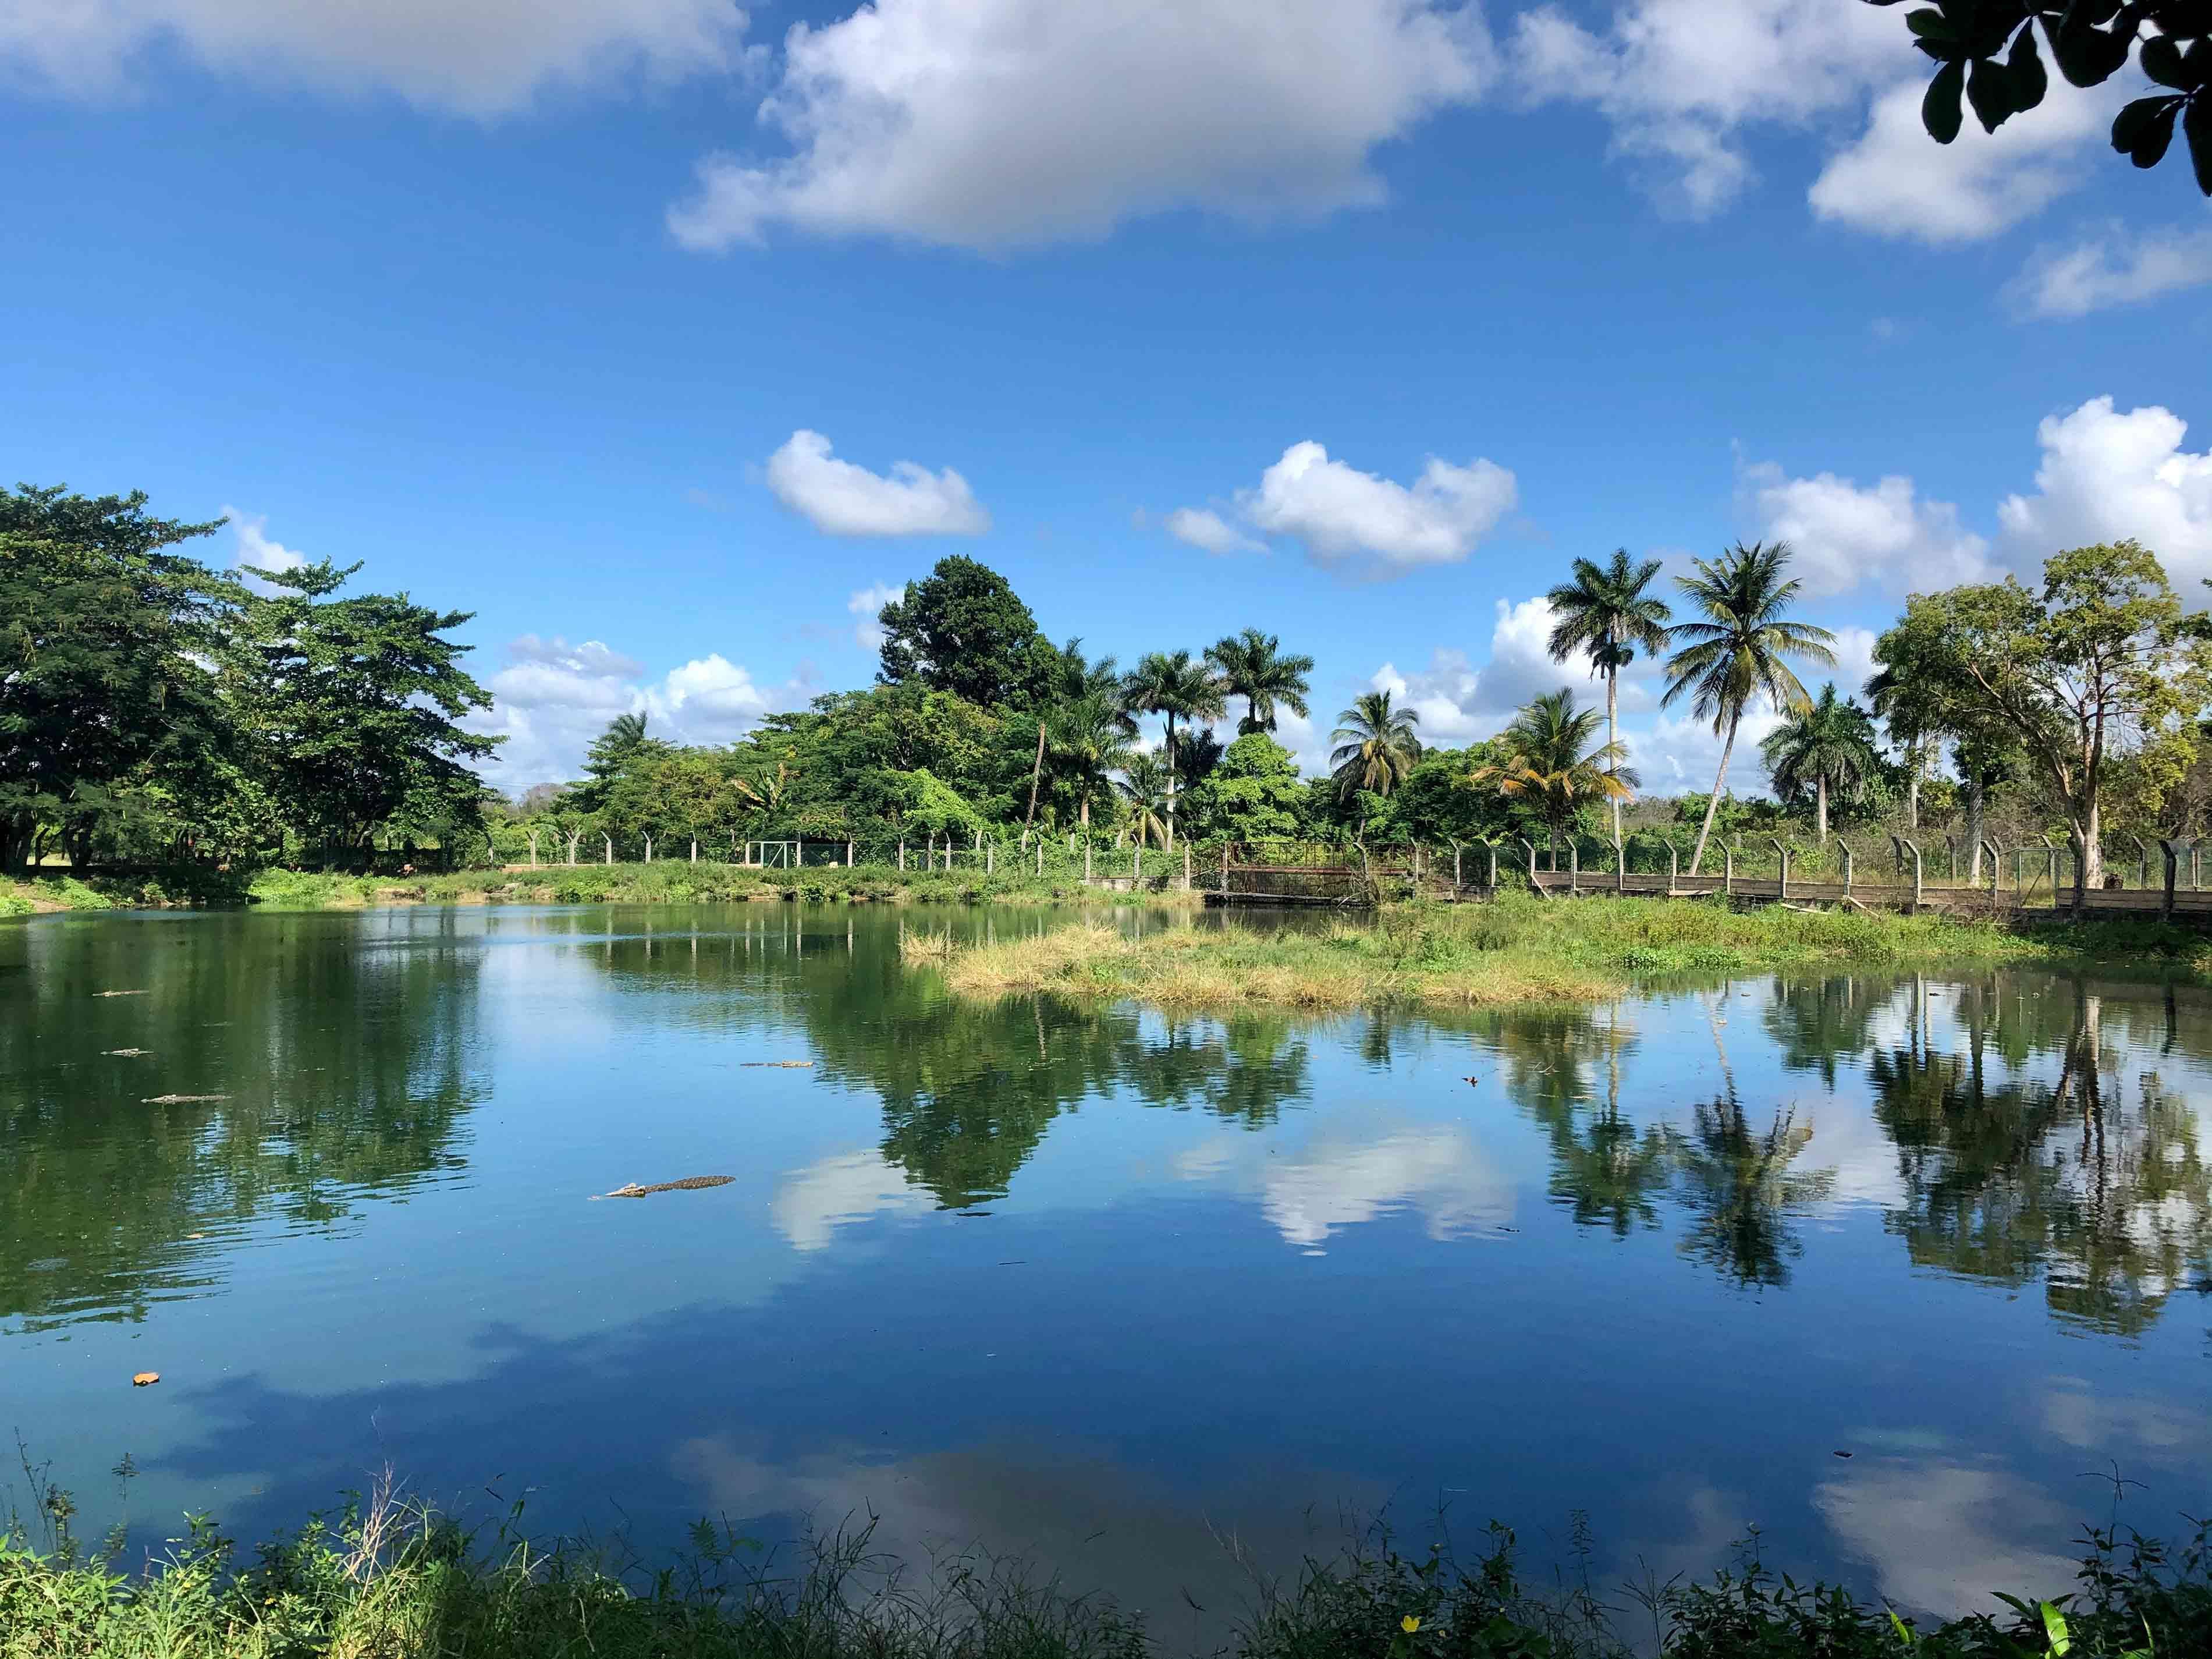 Zapata Crocodile farm